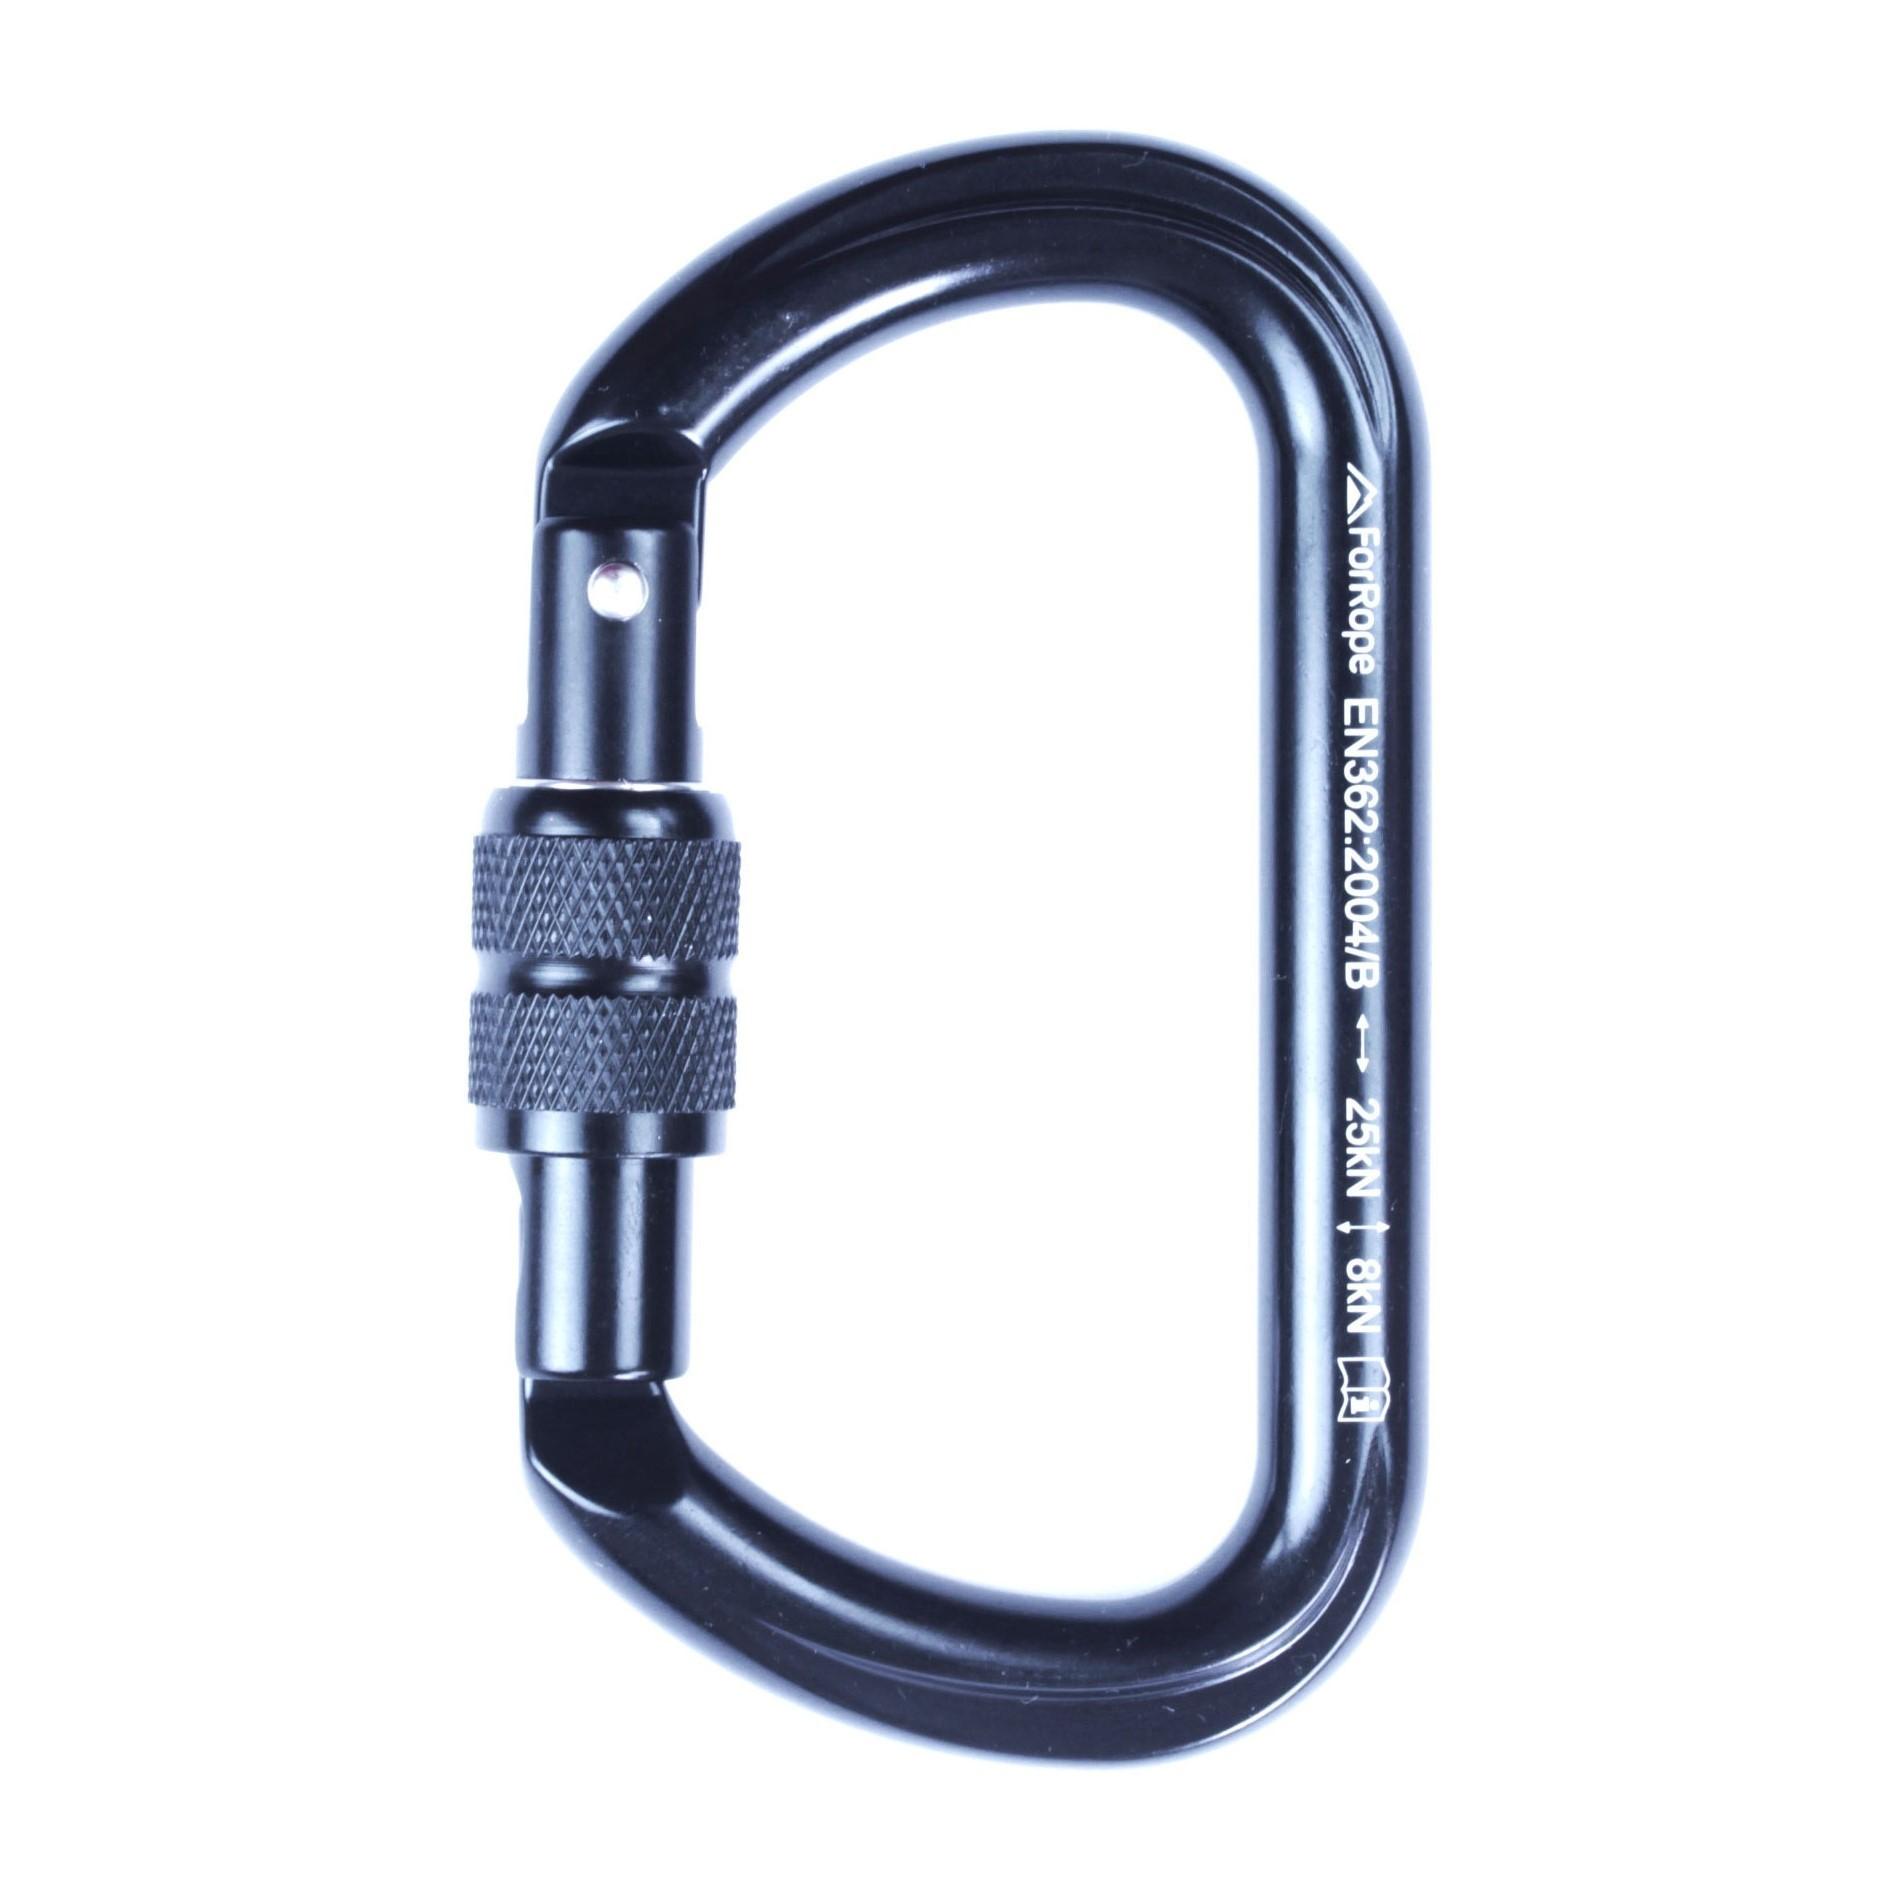 Mosquetão Alumínio Oval Trava Rosca Keylock 25KN - FOR ROPE (PRETO)